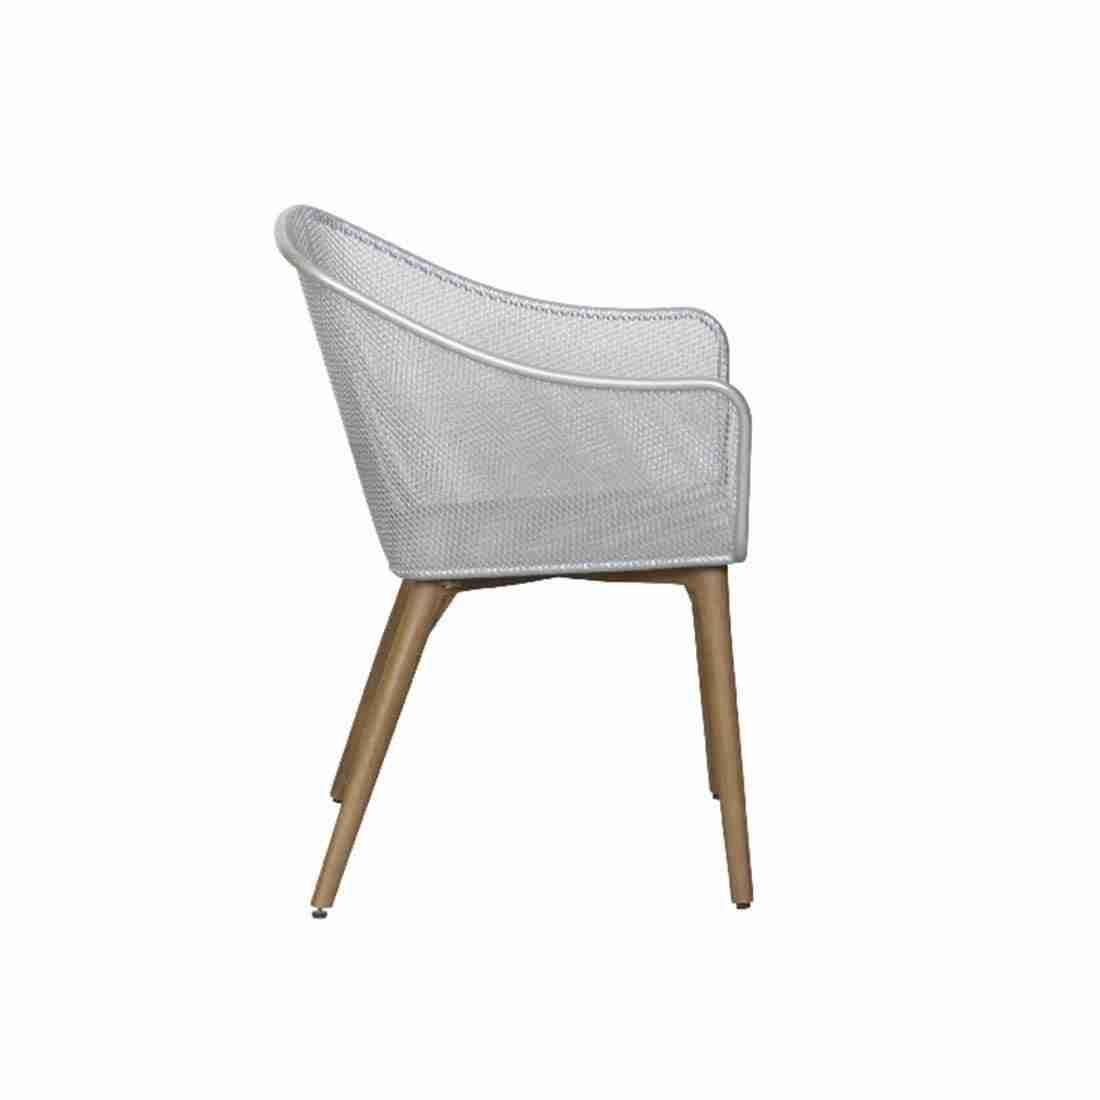 MBM_lounge_tuinstoel_fauteuil_Ohio_resusta_borneo_Zitteninjetuin_03